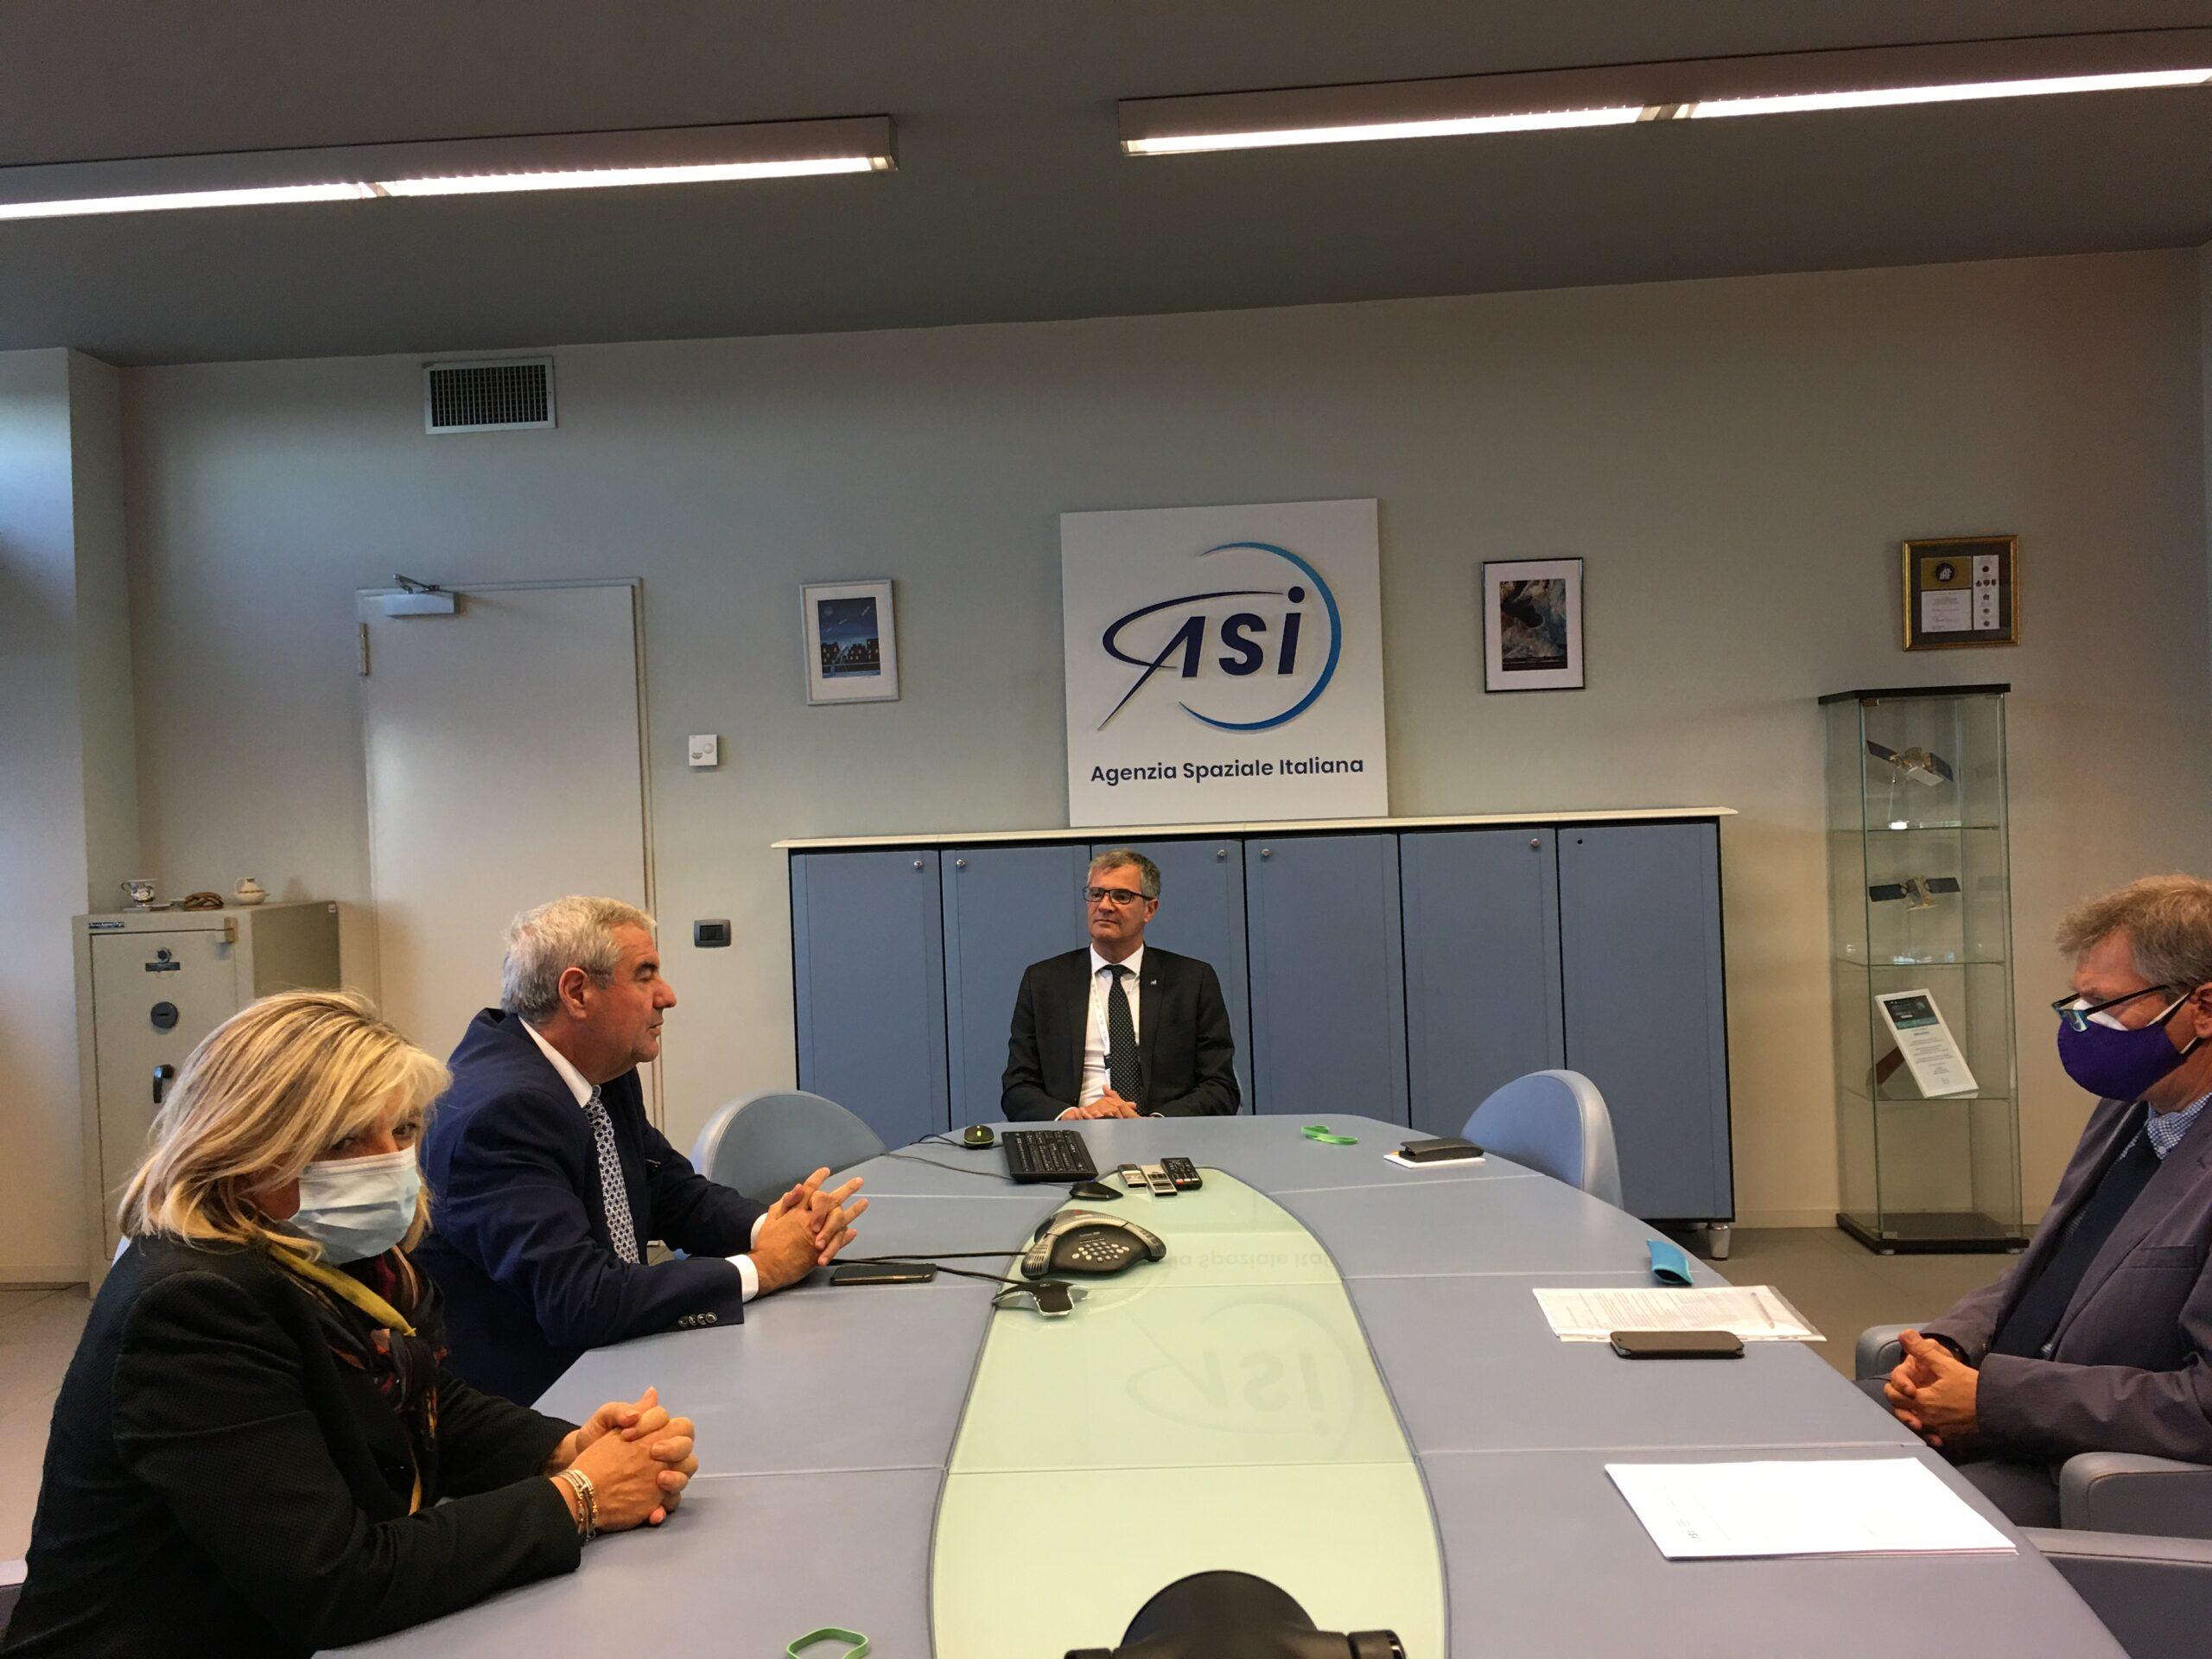 ASI - Visita del Capo del Dipartimento della Protezione Civile Angelo Borrelli in ASI